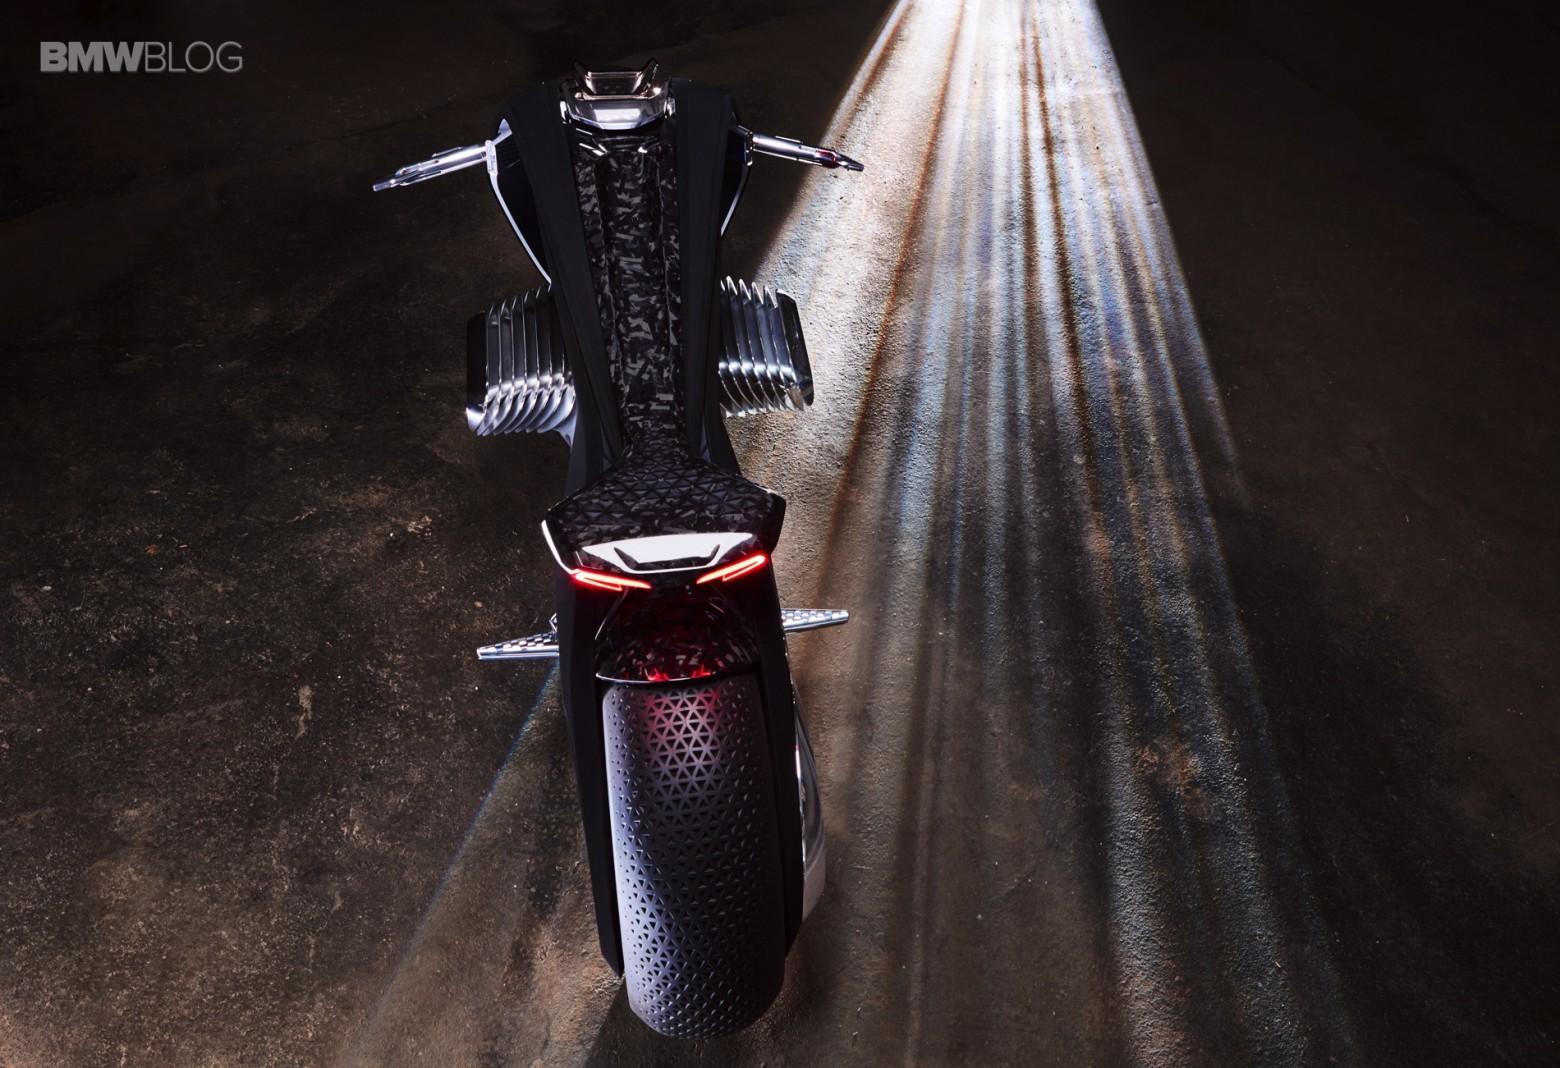 Концепт гибкого мотоцикла BMW Motorrad VISION NEXT 100 - 3